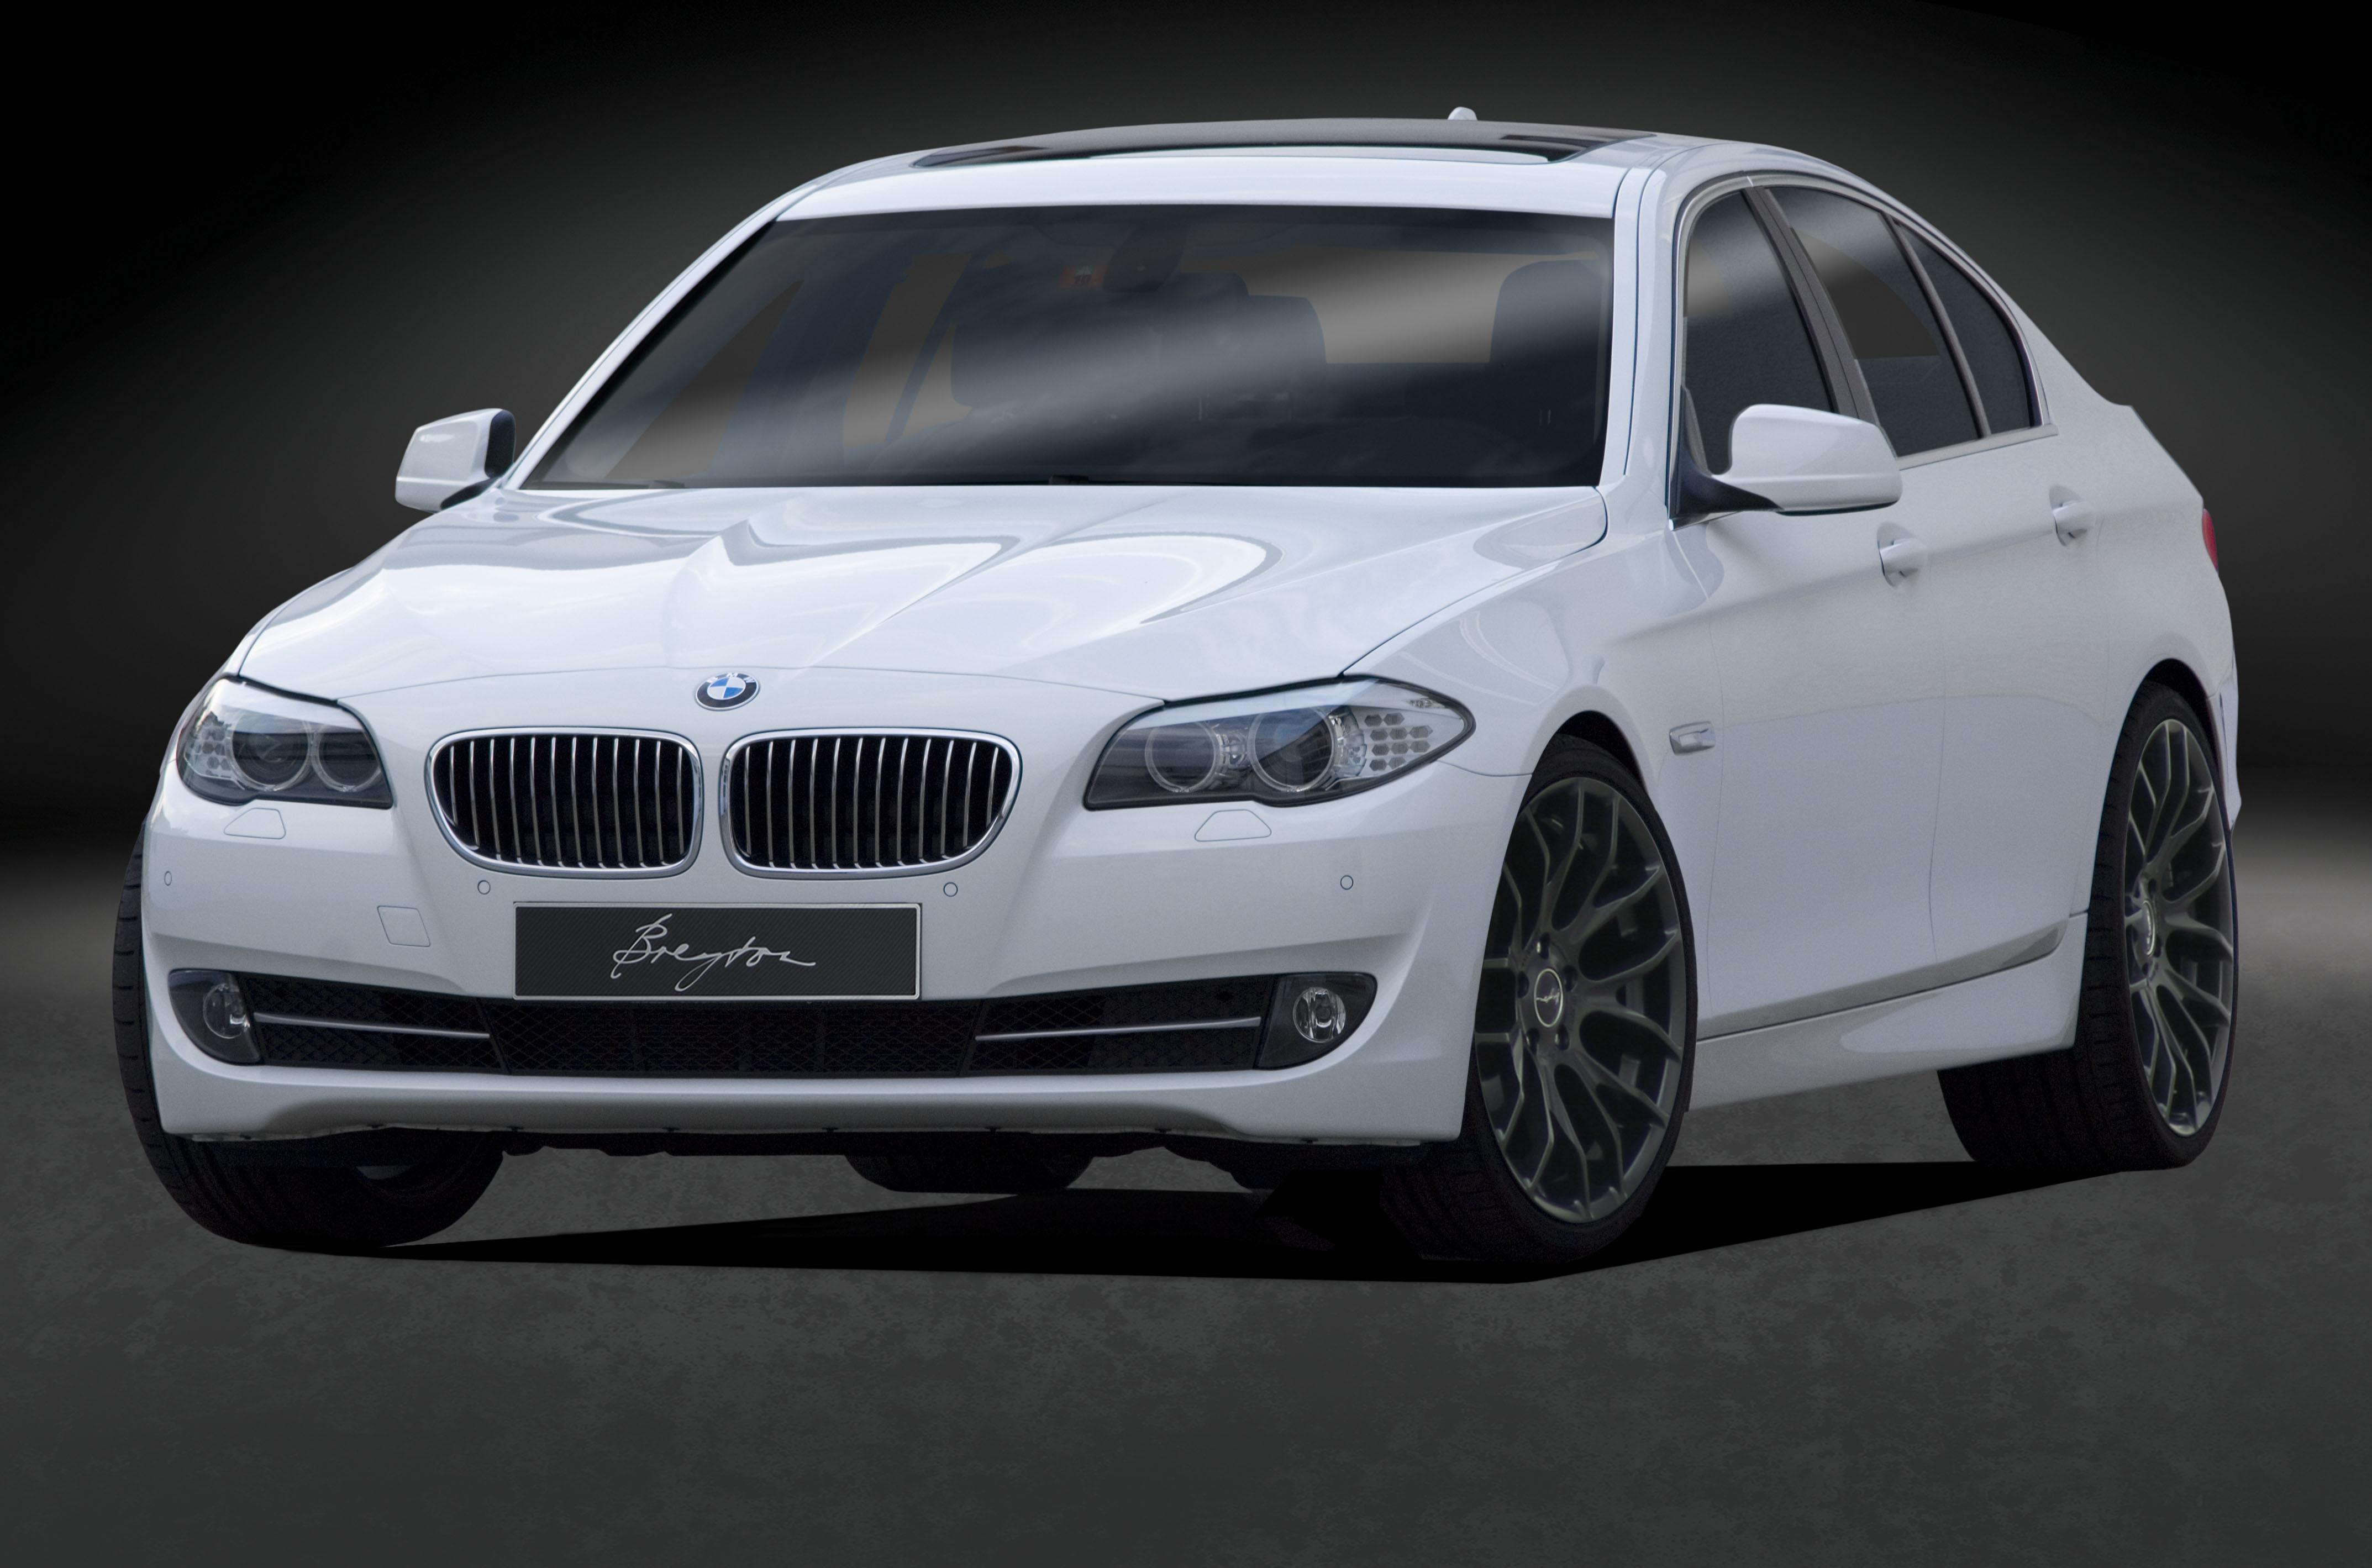 5er-F10-weiss-front-RACE-GTS-20-Zoll-Matt-Black